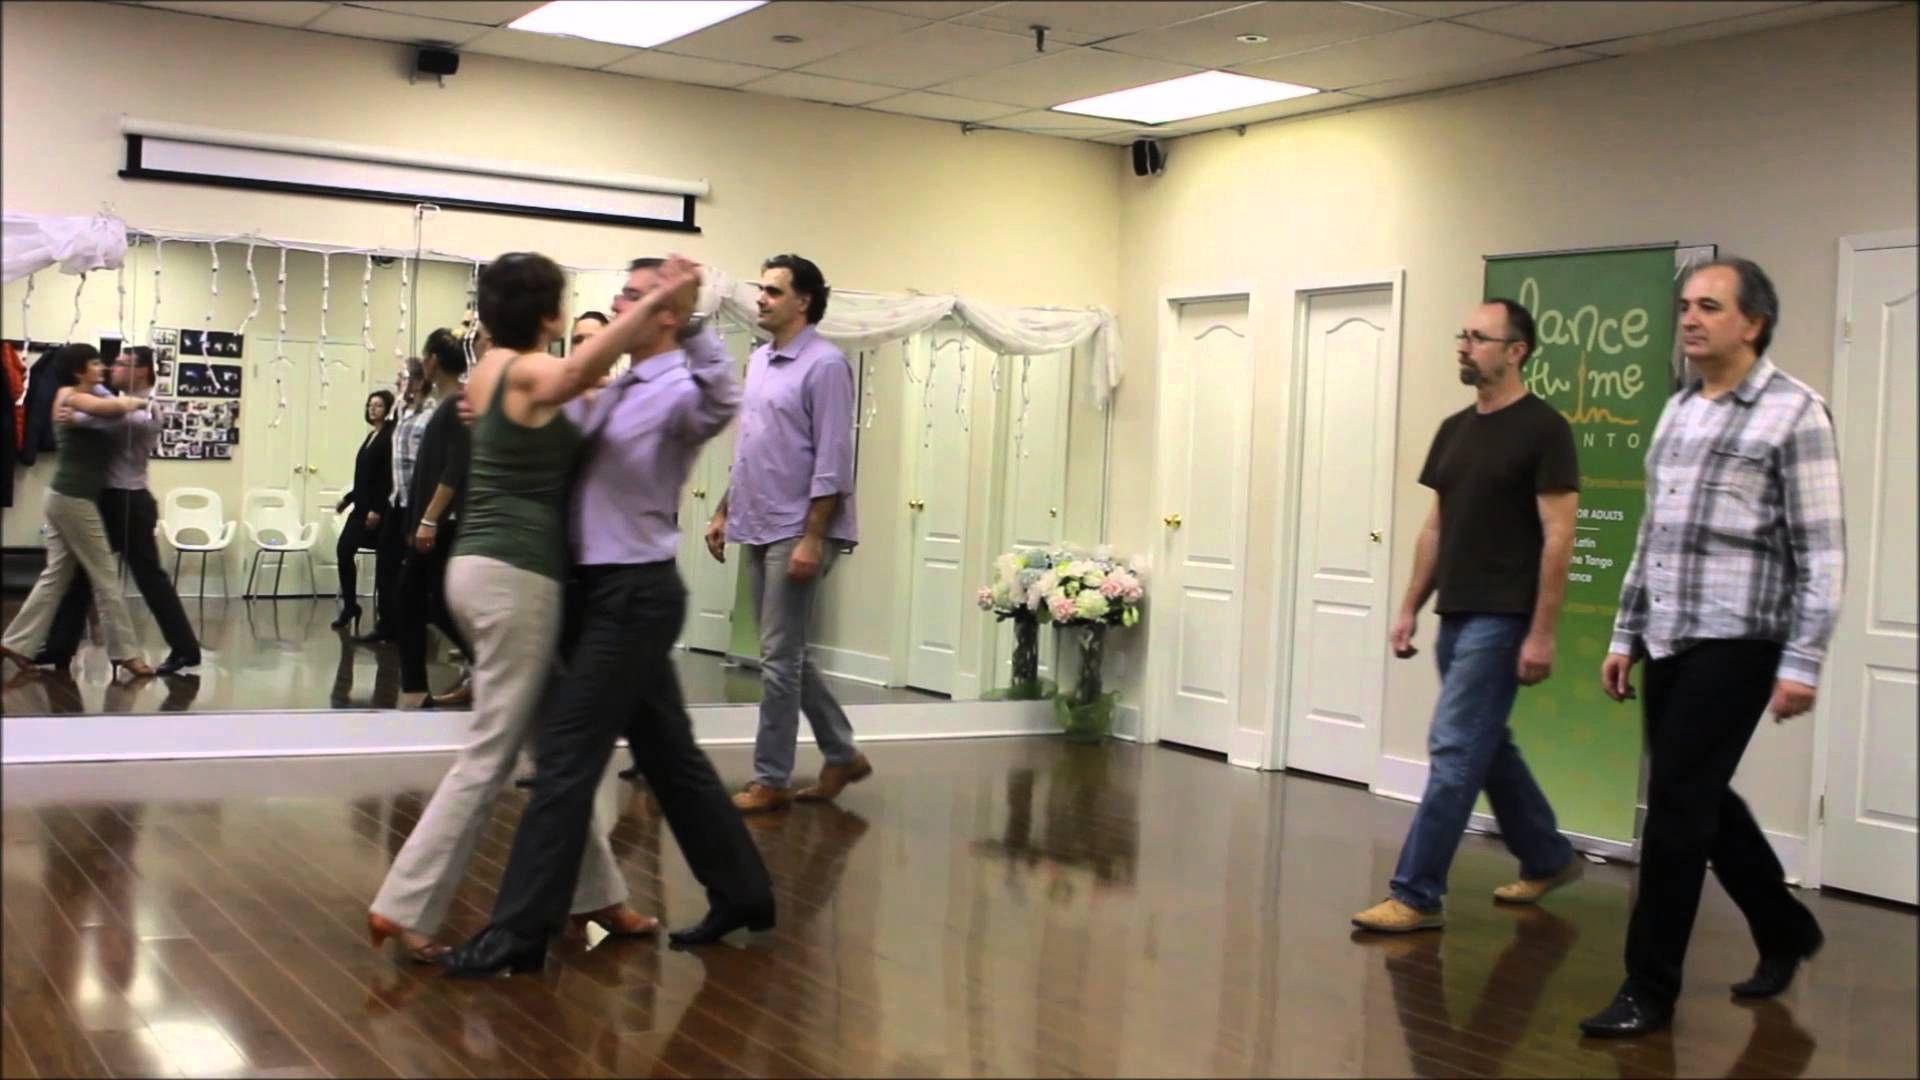 Dance with me toronto ballroom latin dance studio for